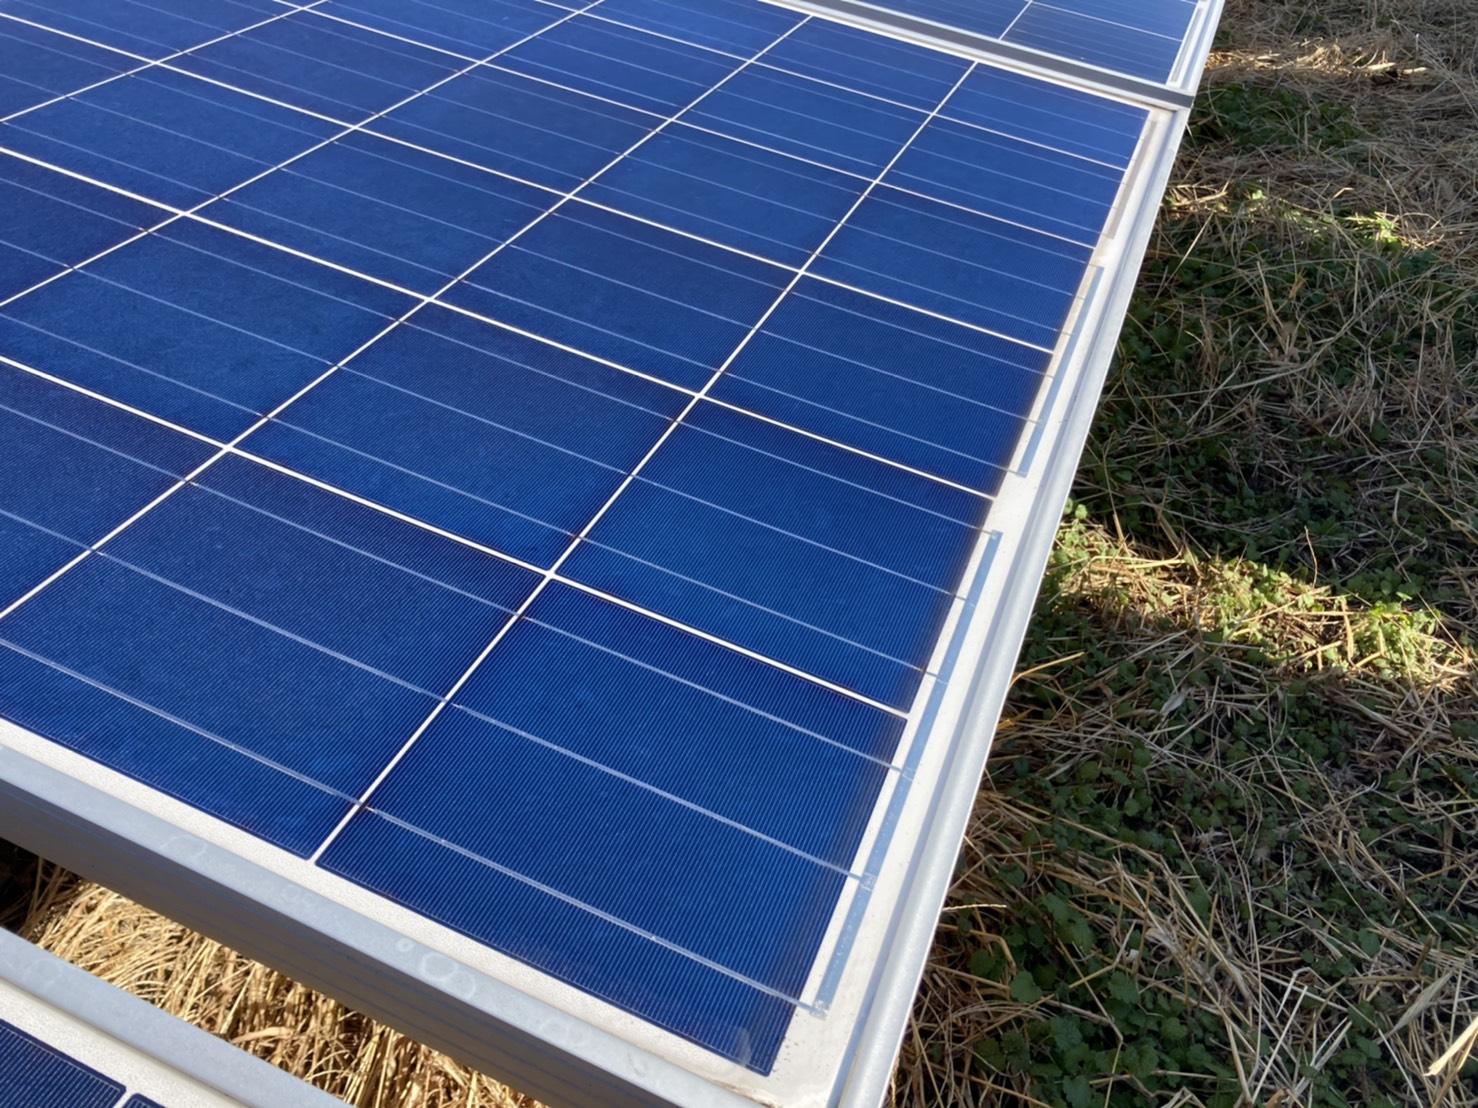 太陽光発電 ソーラーパネル洗浄